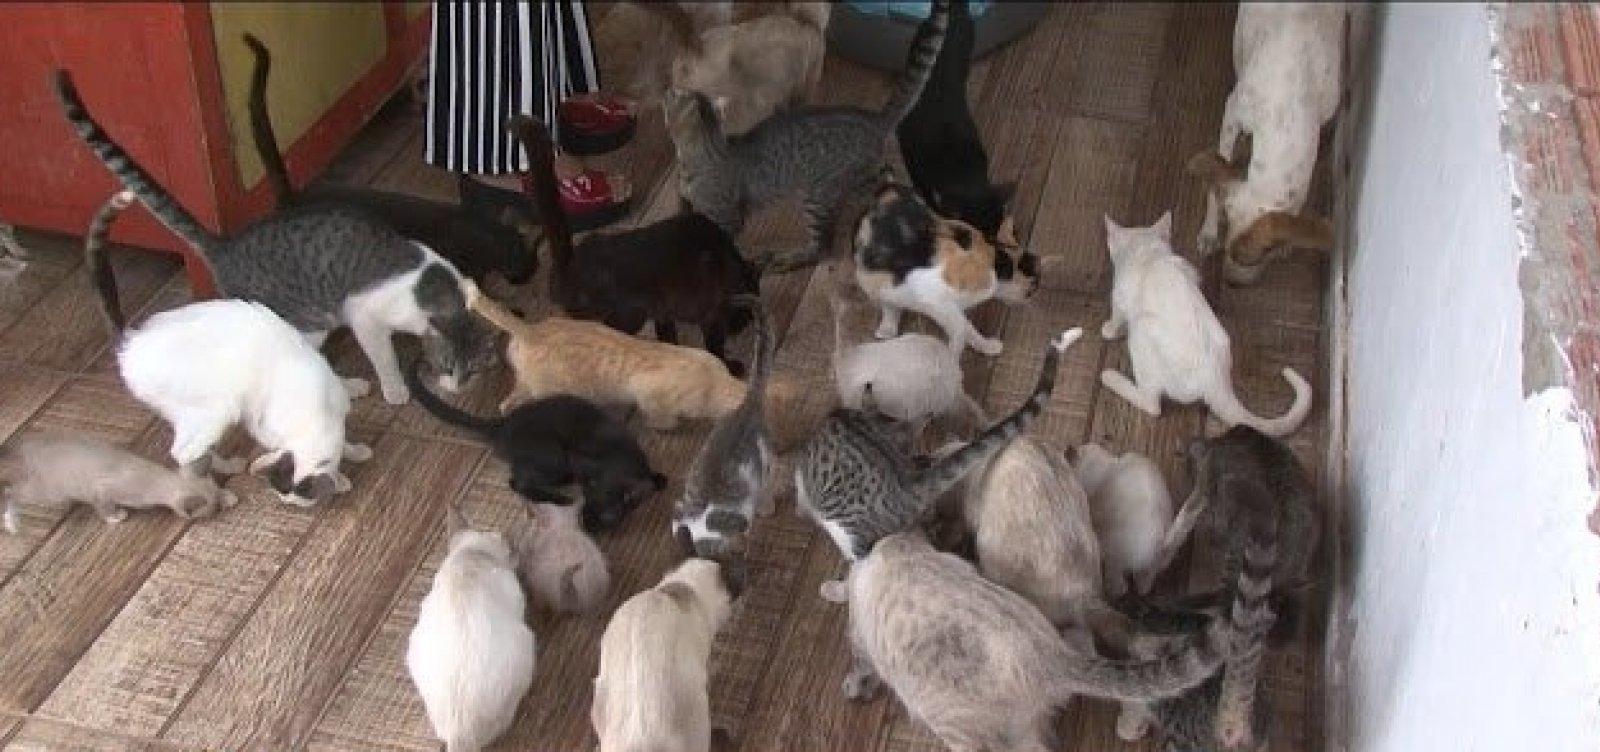 Polícia investiga morte de 20 cães e gatos em Curaçá